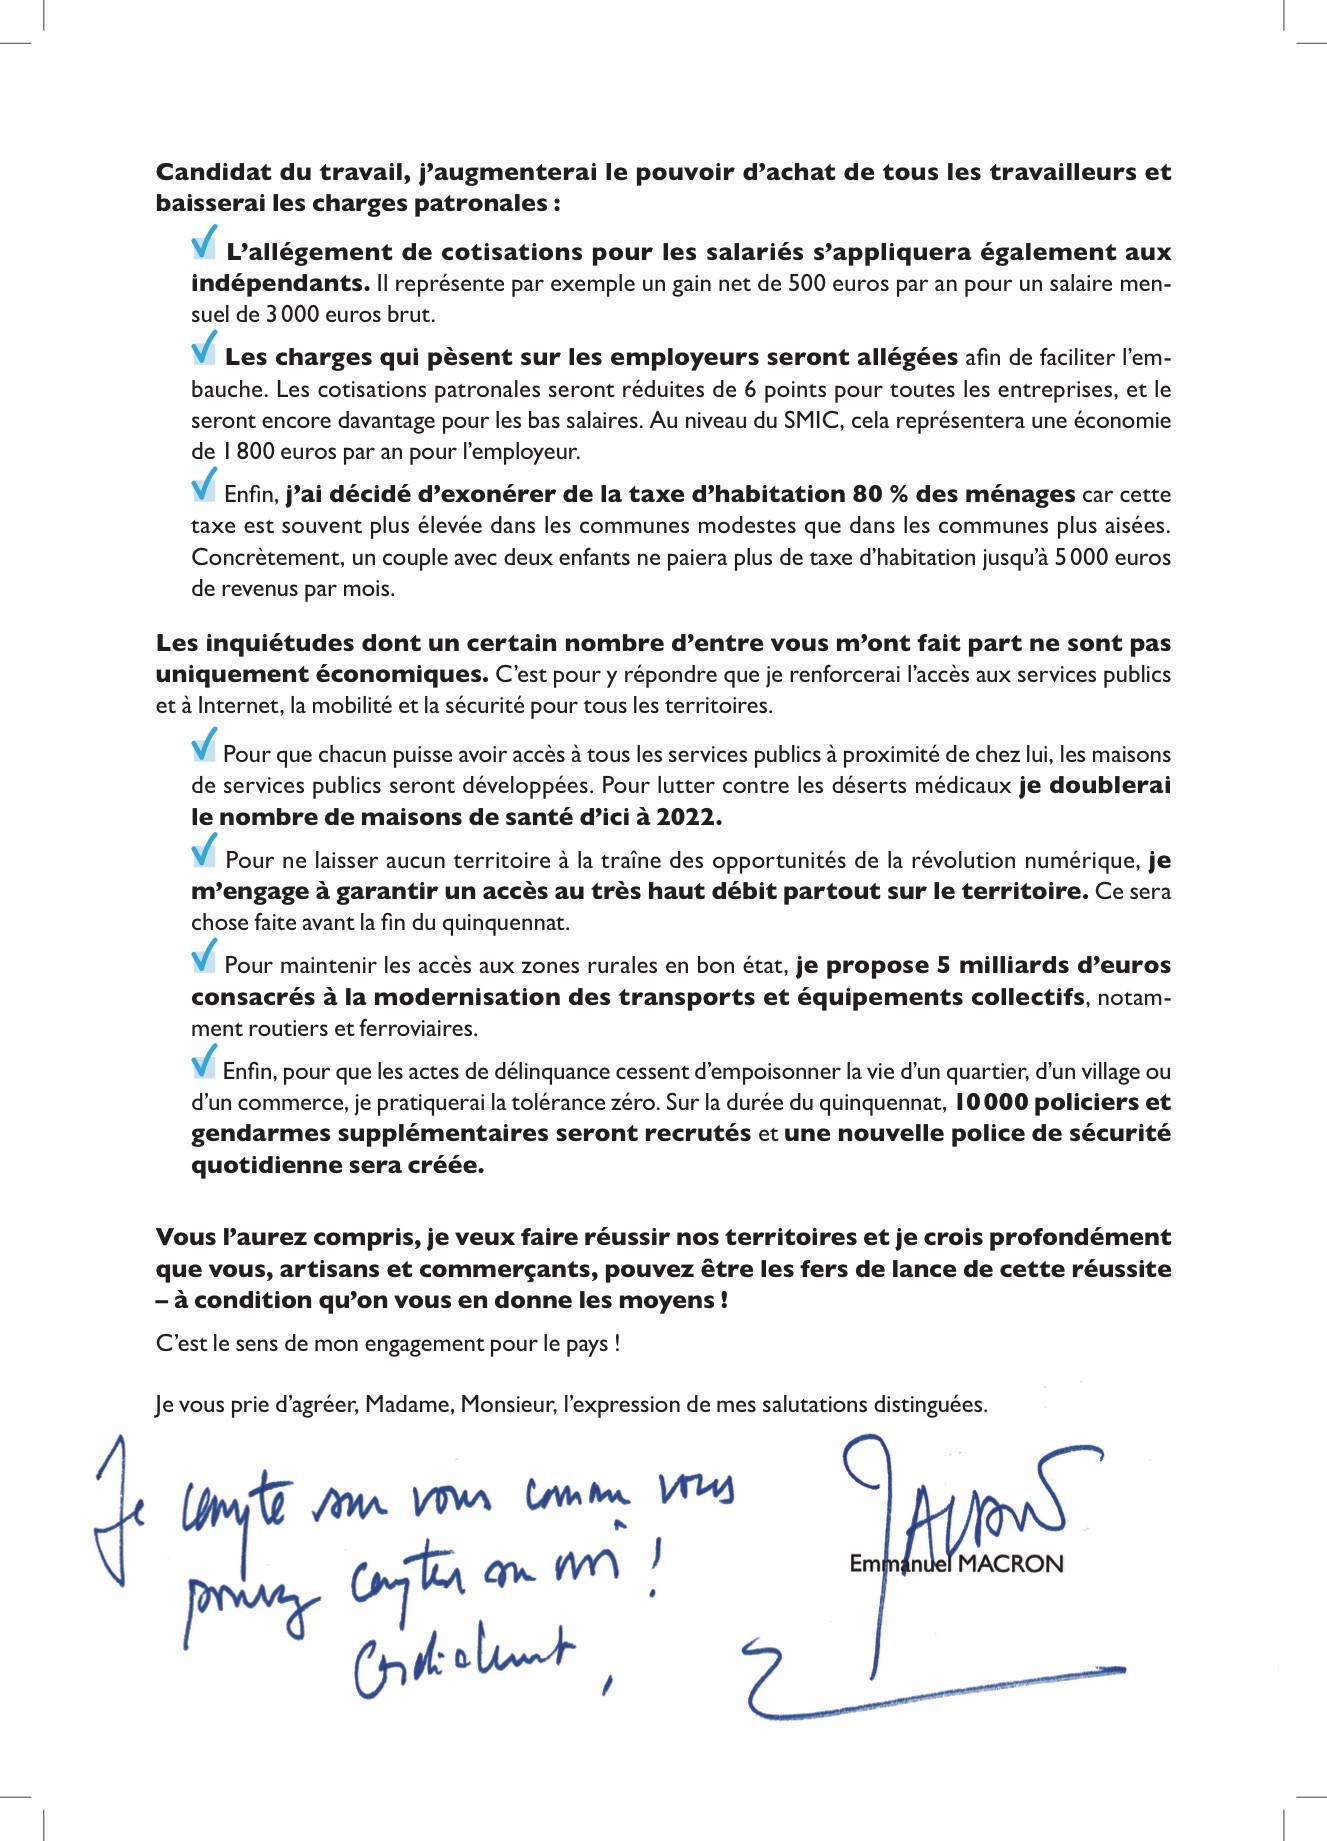 lettre-ouverte-emmanuel-macron-pour-les-artisans-et-commercants-2